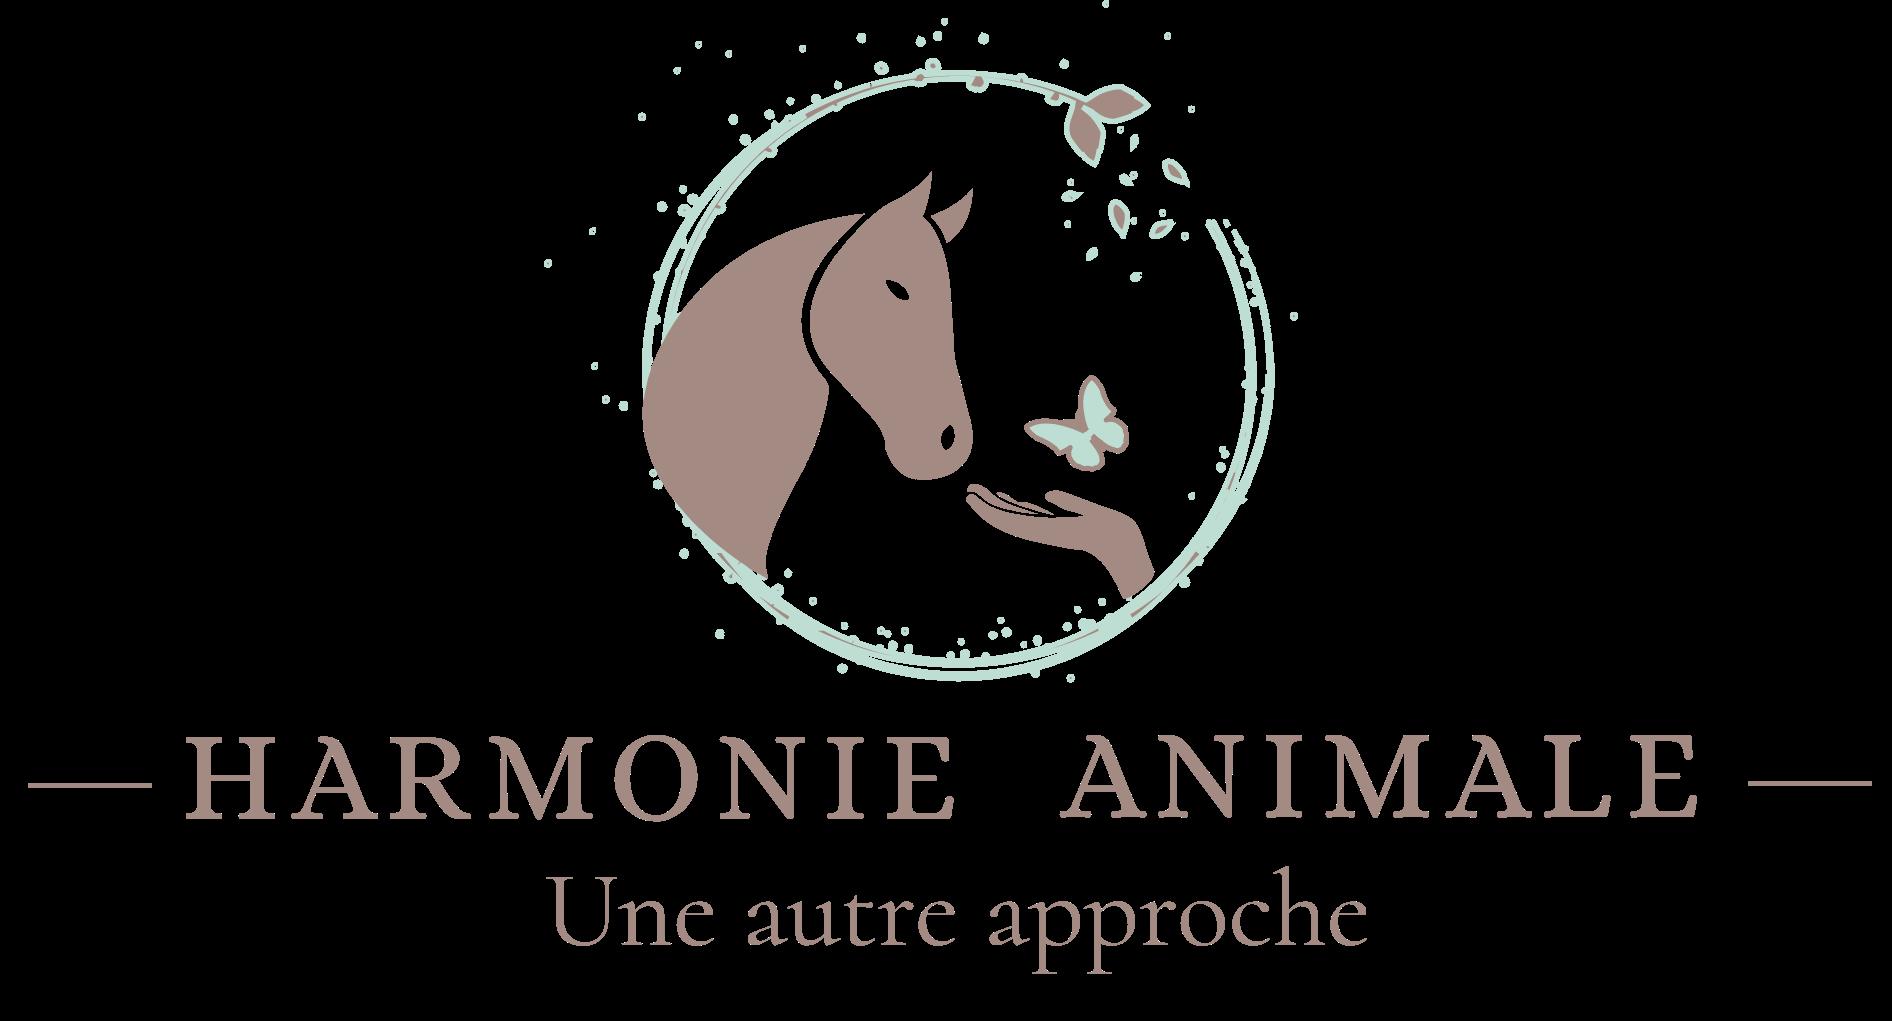 Harmonie Animale